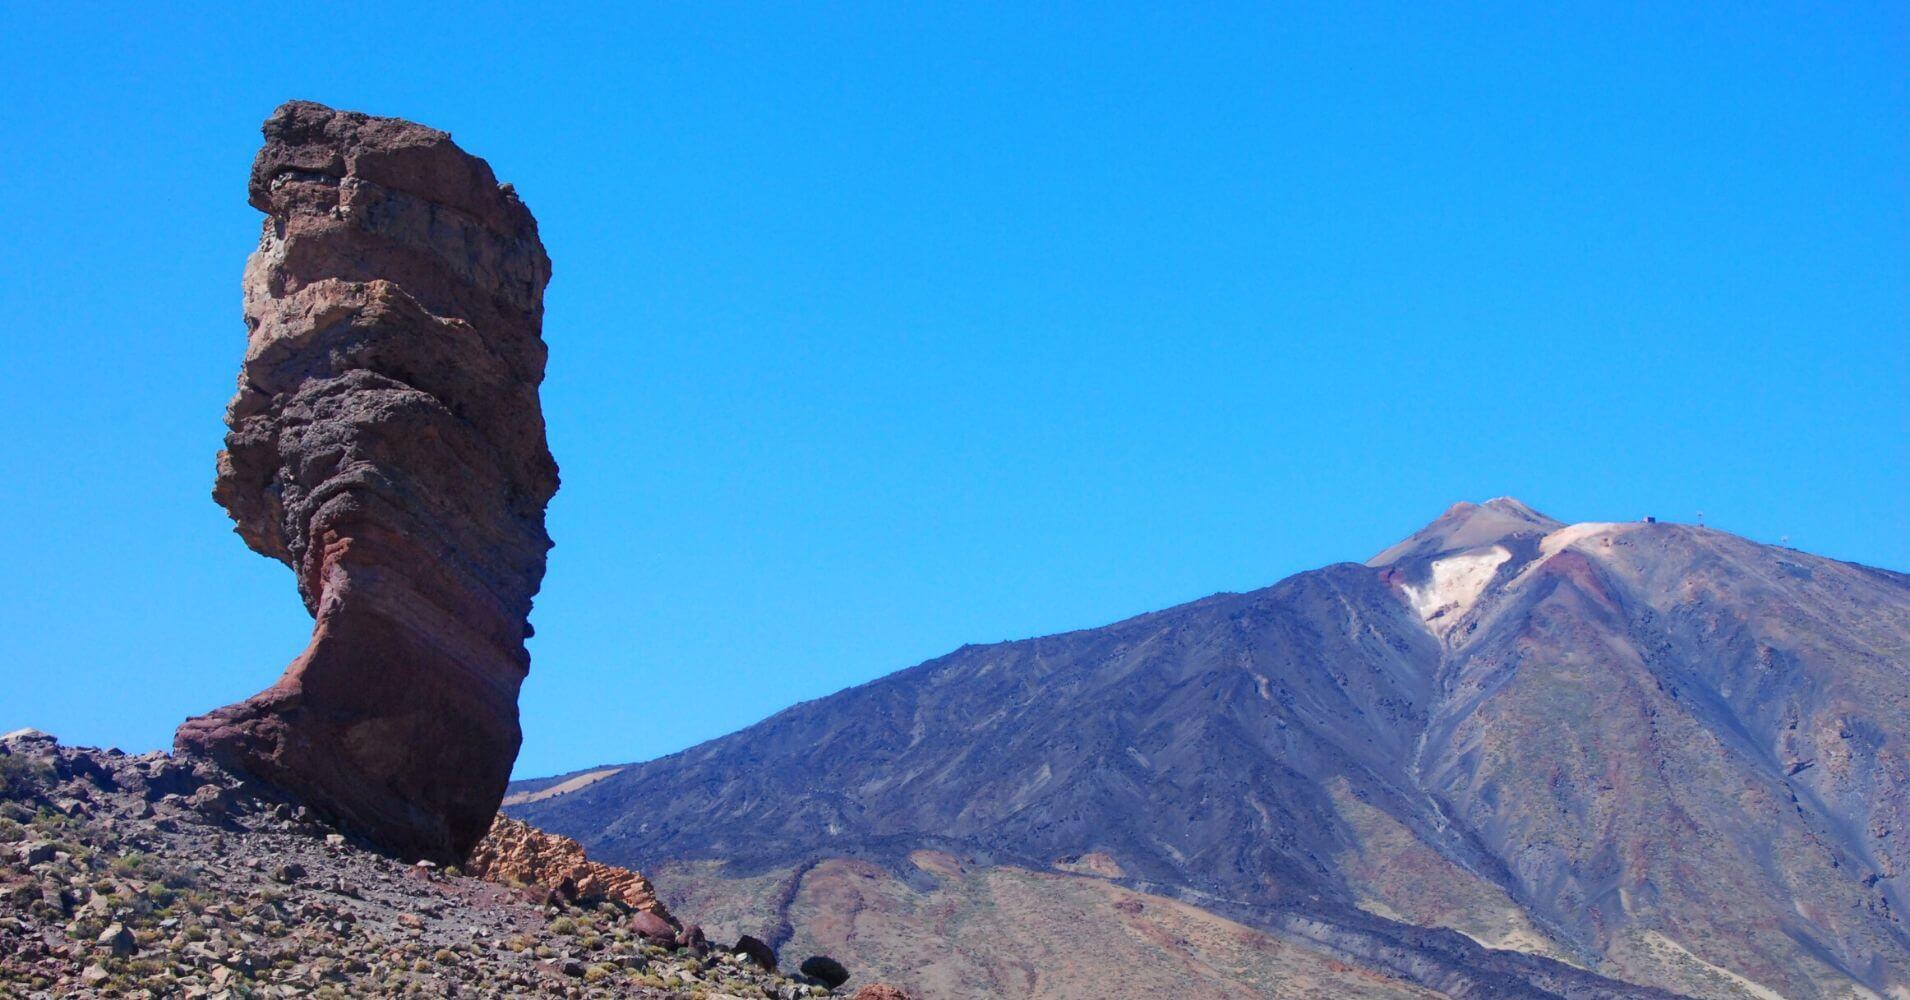 Parque Nacional de las Cañadas del Teide. Roque Cinchado y Volcán del Teide. Isla de Tenerife. Islas Canarias.